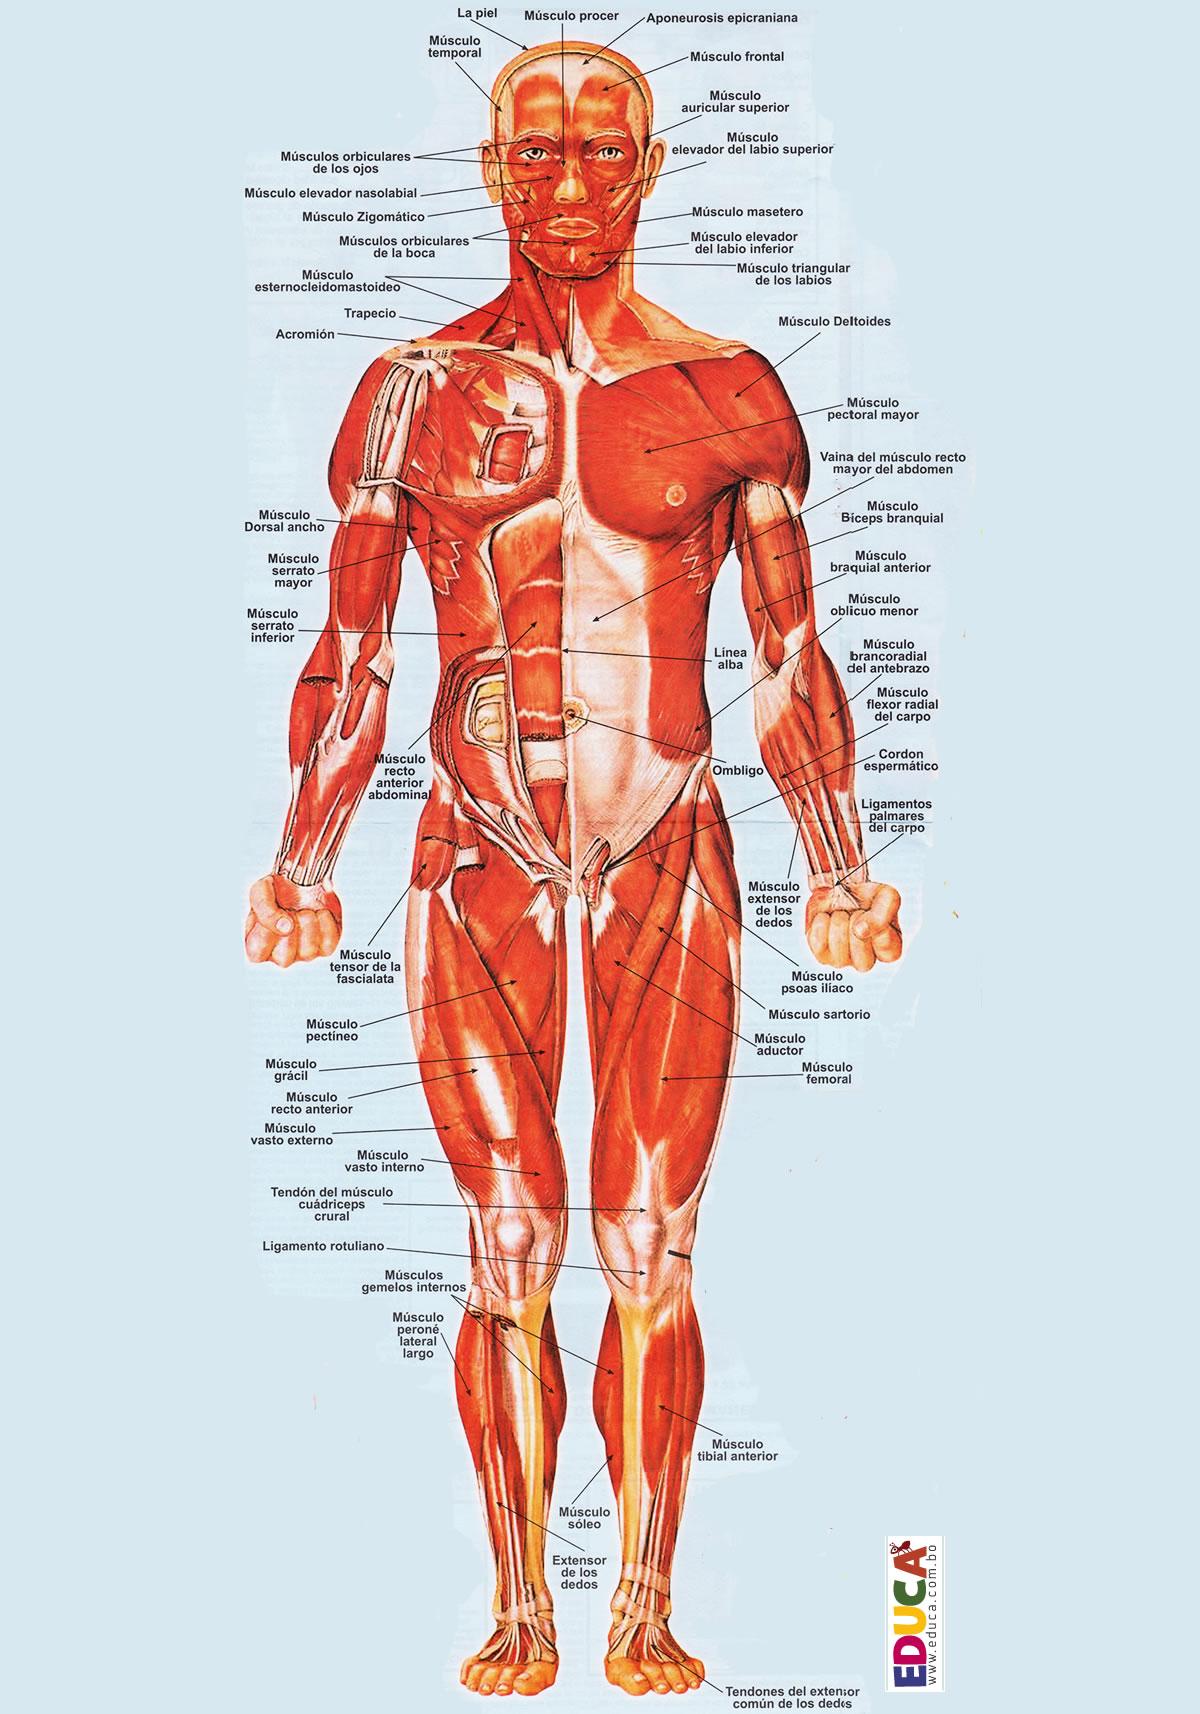 Los músculos del cuerpo humano | Historia, Literatura, Educación de ...